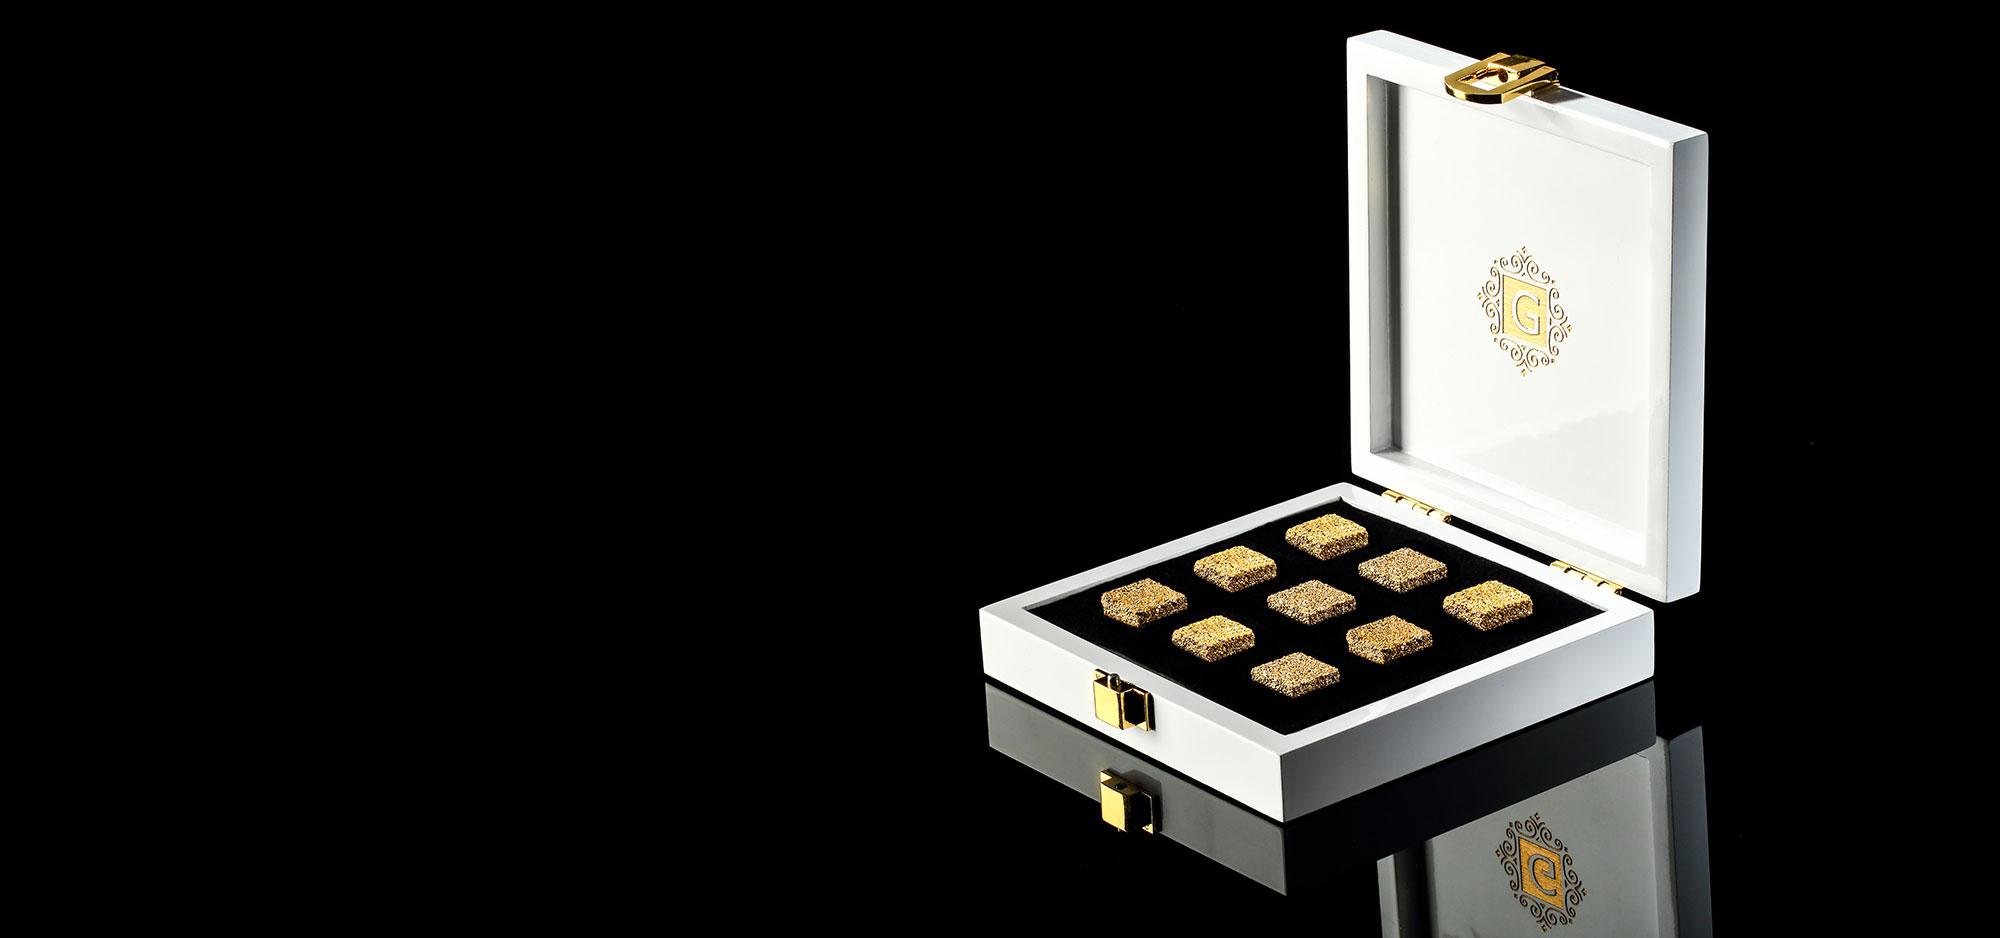 GOLD SUGAR box Set of 9